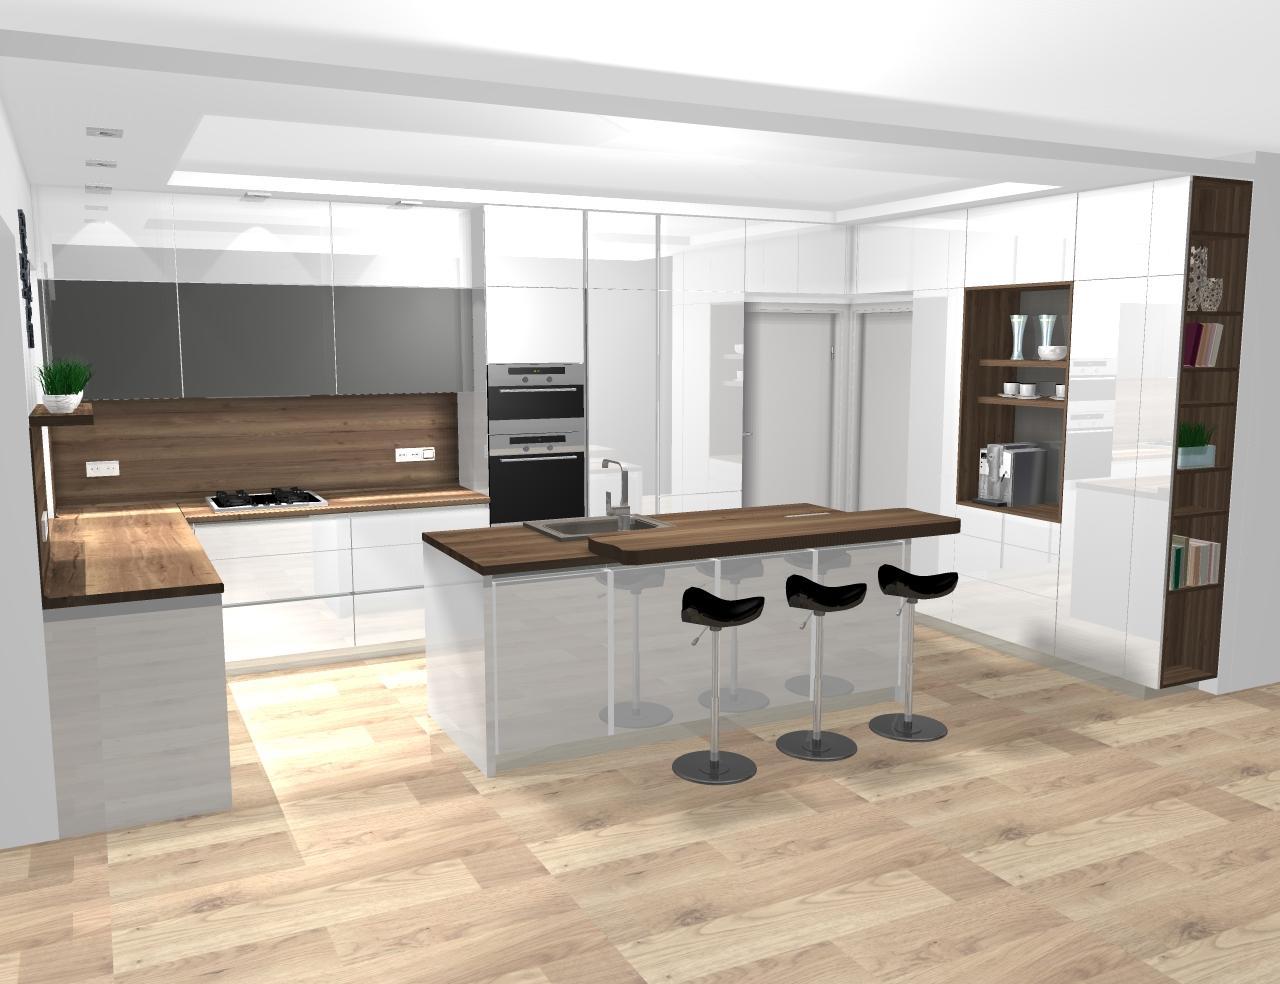 Grafické návrhy kuchynských liniek 2020 - návrh kuchynskej linky do rodinného domu -verzia 1 - obr.3